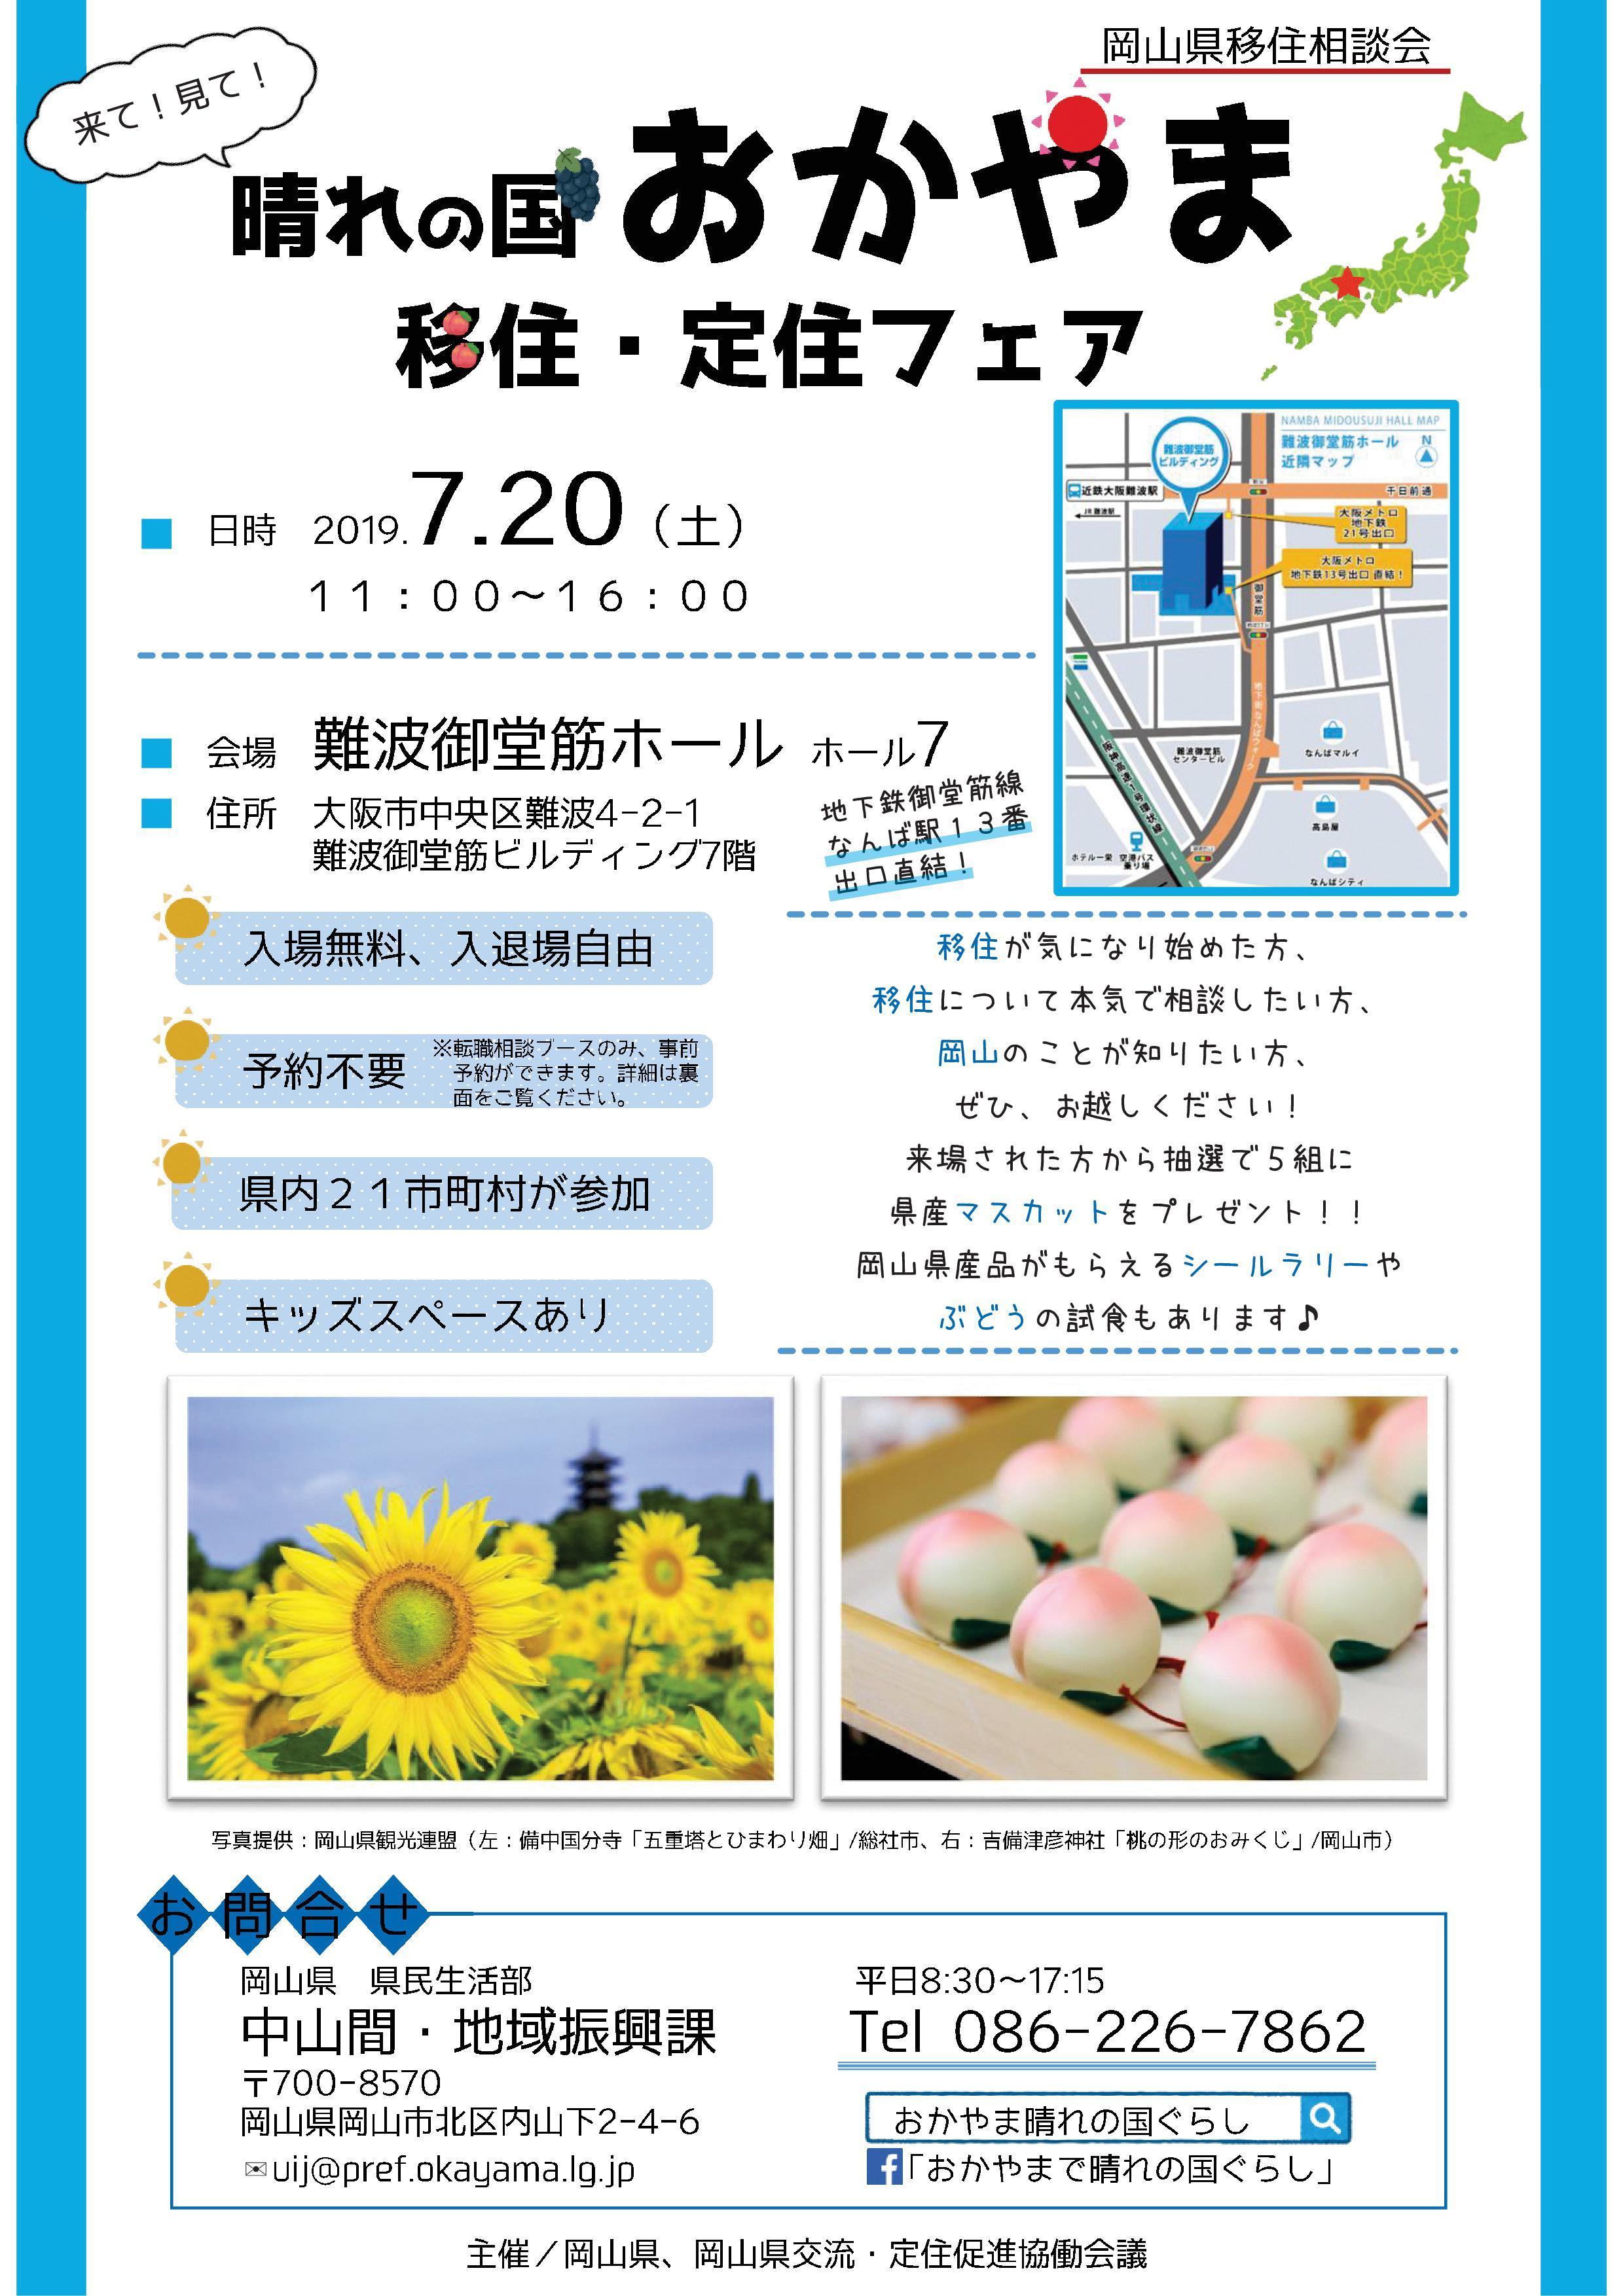 2019年7月20日(土)開催 来て!見て!晴れの国おかやま移住・定住フェアに津山市も参加します